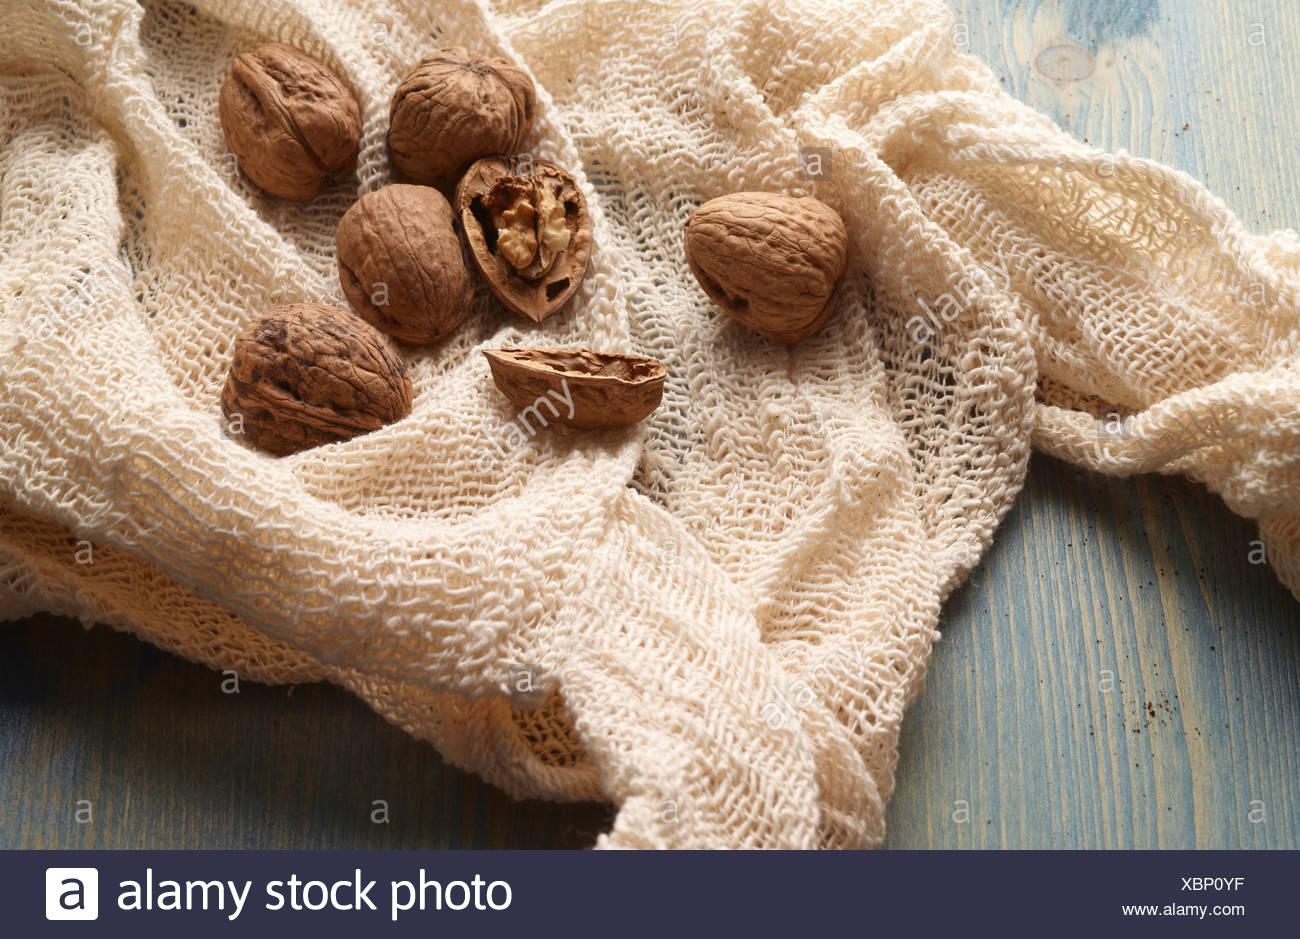 Le noci in tessuto a maglia sul tavolo Immagini Stock